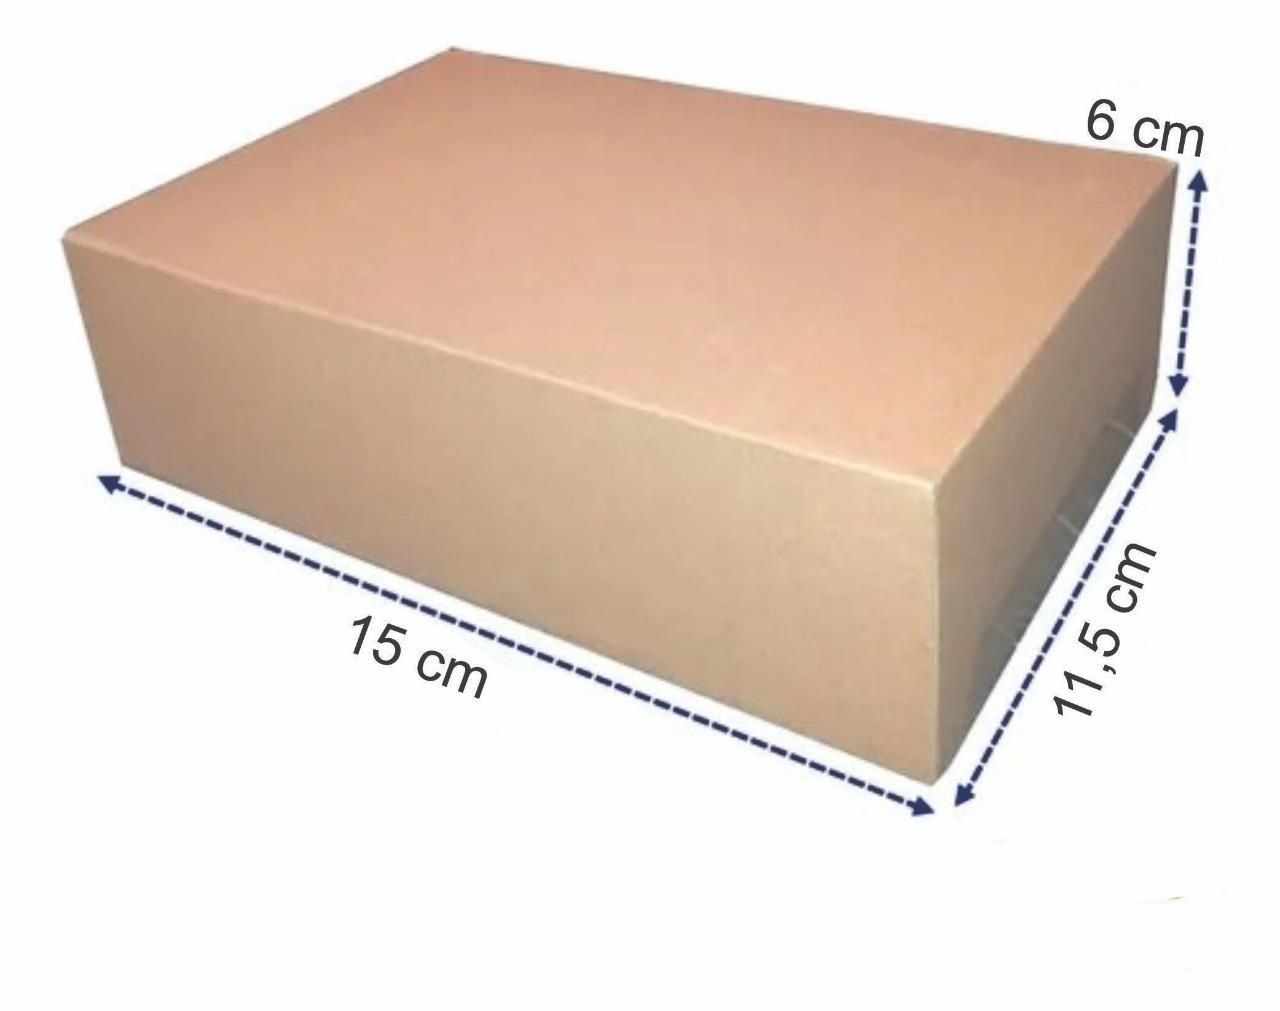 50 Caixas de Papelão Embalagem para os Correios 15 x 11,5 x 6